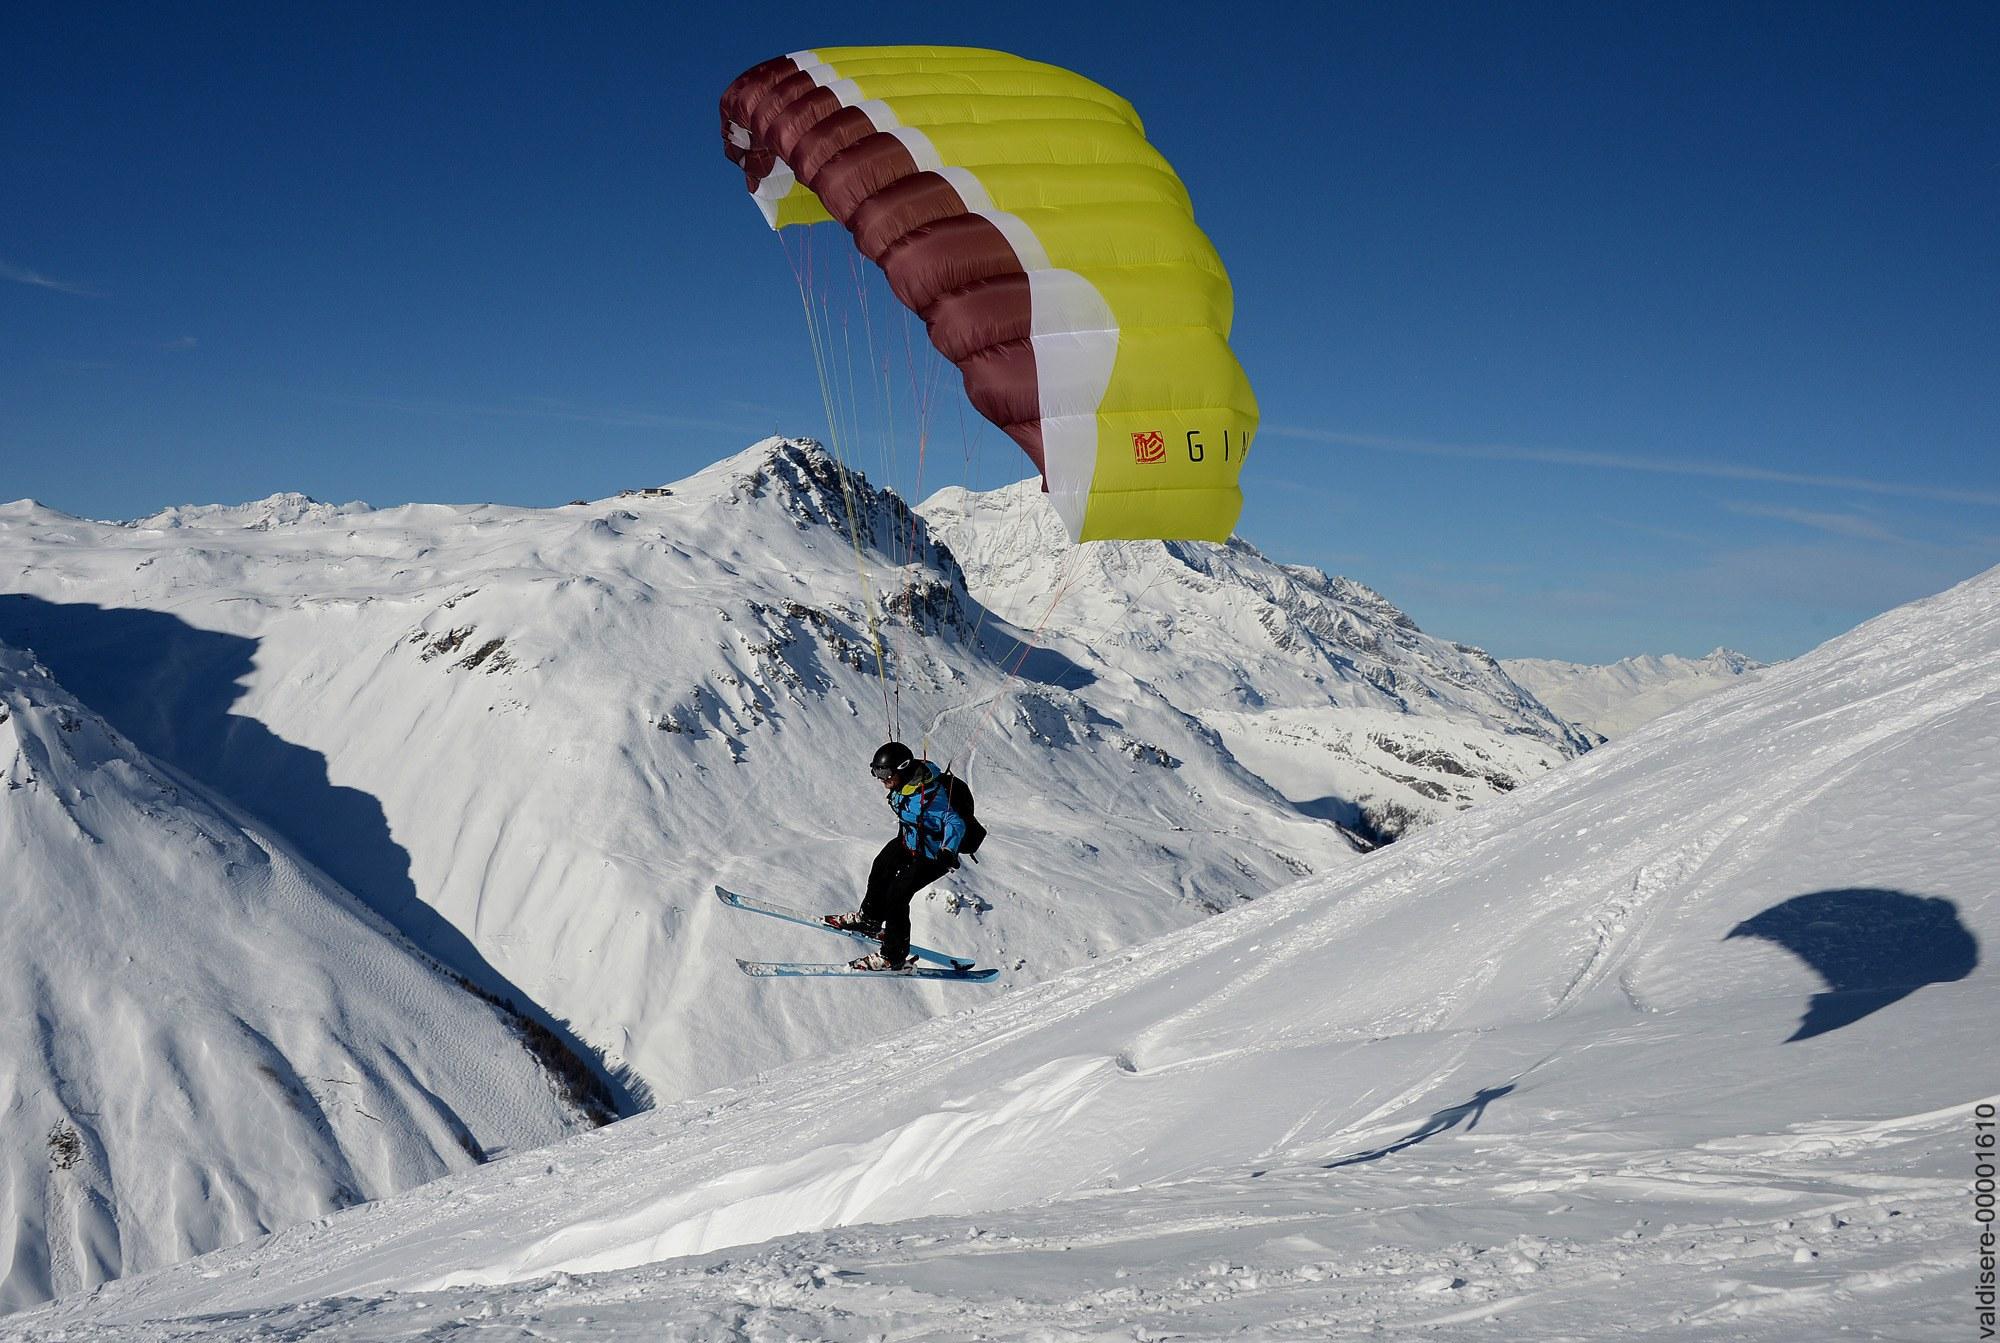 Parapente - Speed Riding - Val d'isère